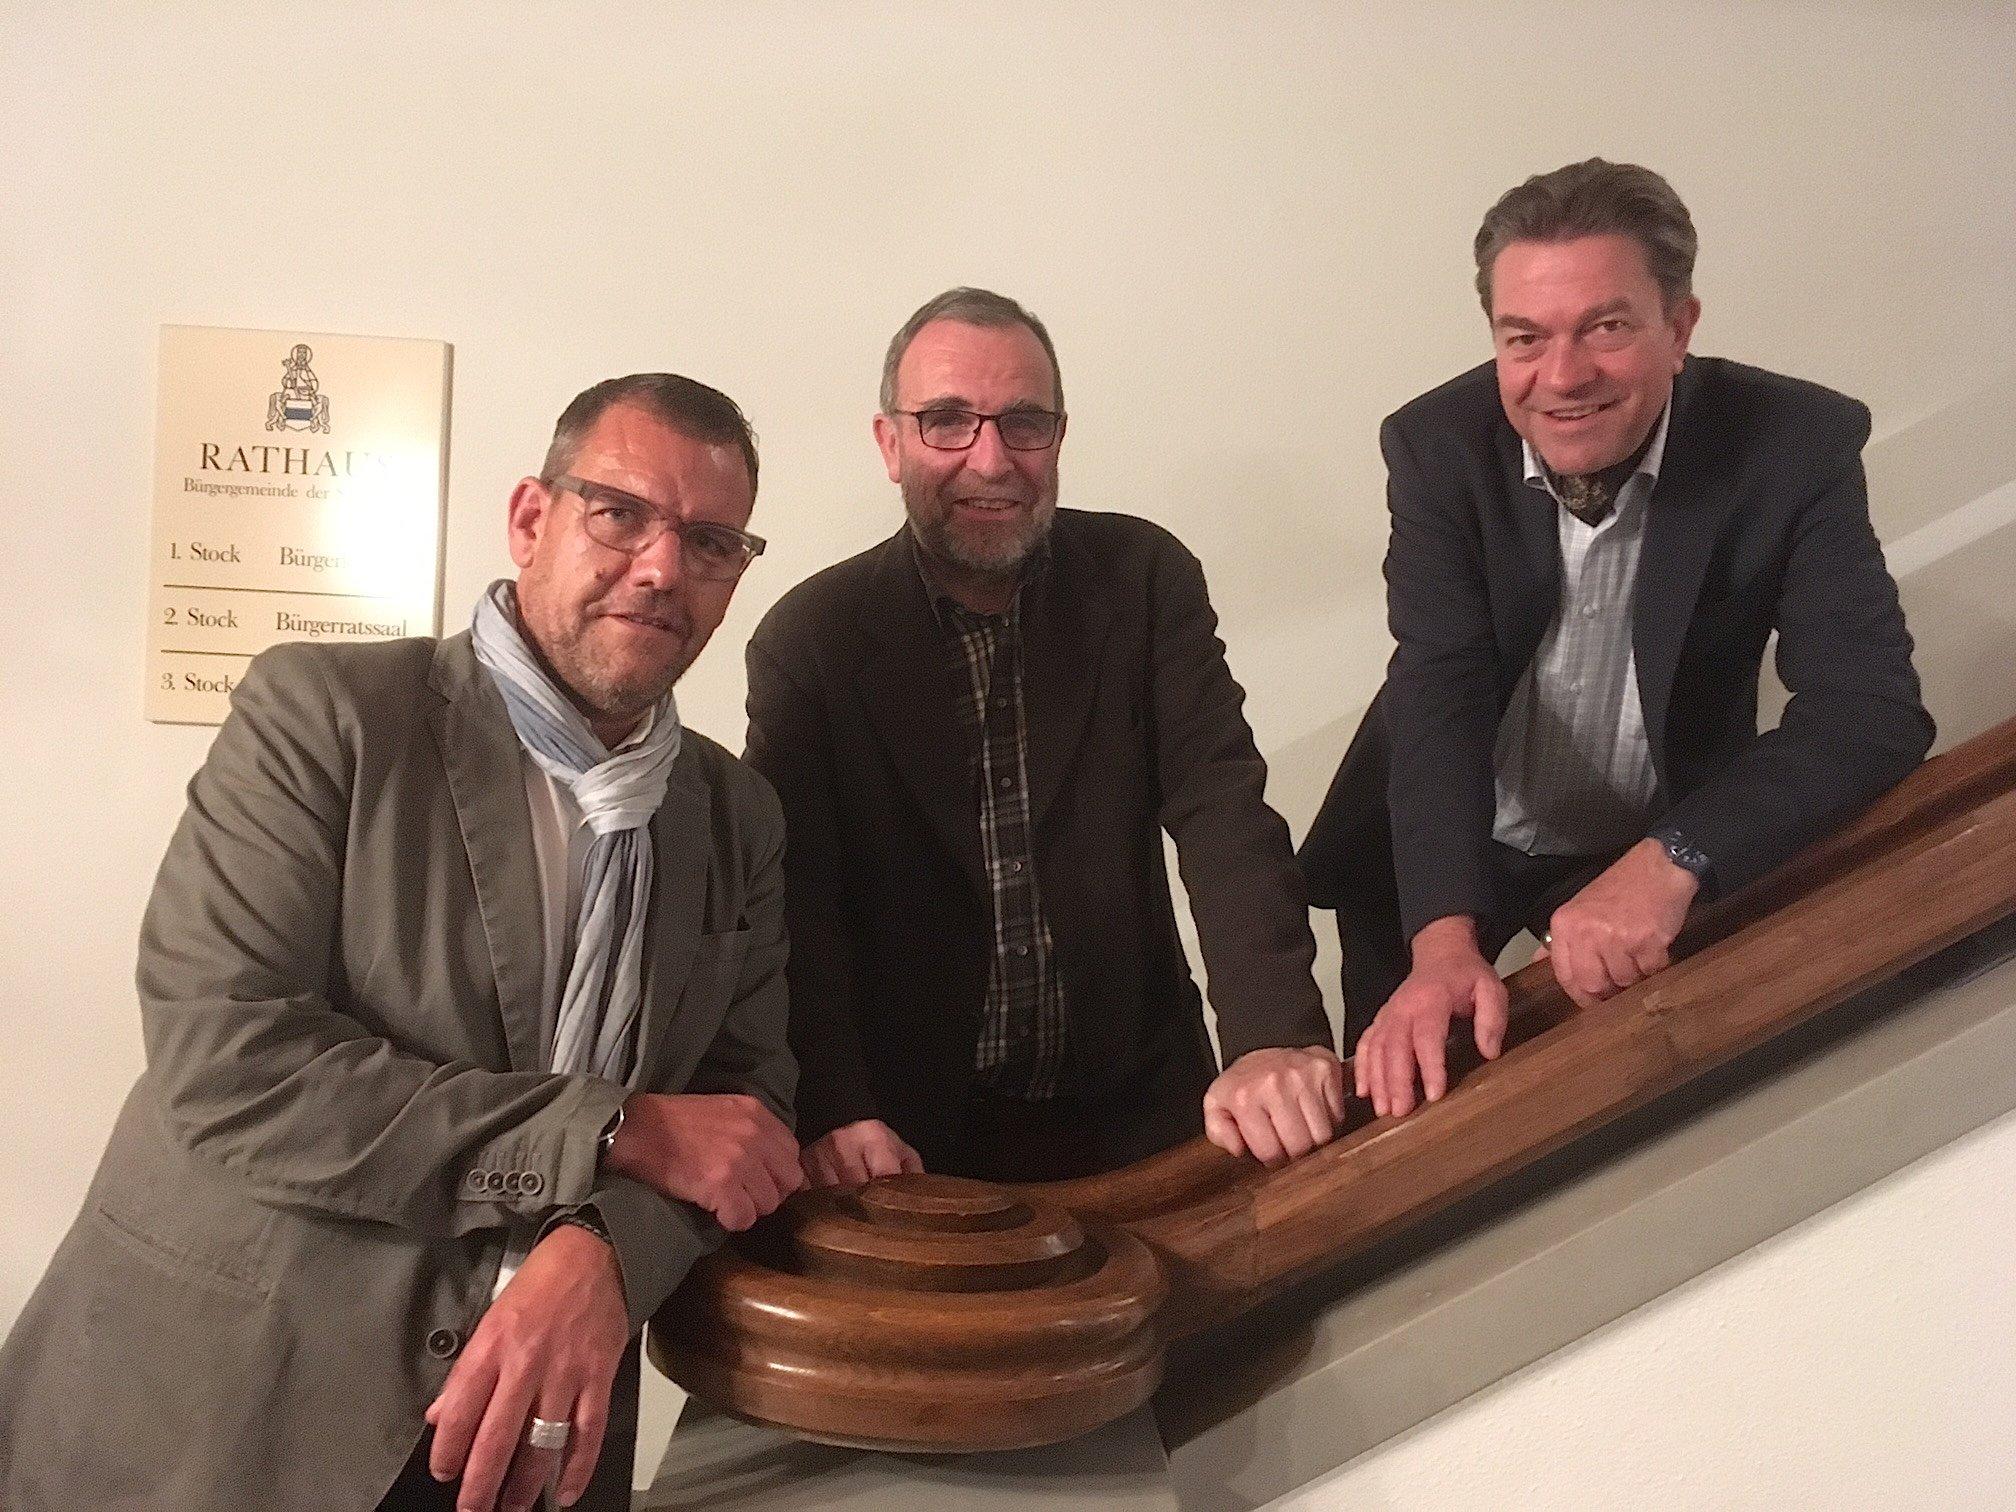 Die Initianten des Festivals Matthias Luchsinger (l.) und Ueli Straub (r.), mit dem Präsidenten des Gönnervereins, Roli Wismer. Der dritte Initiant, Stefan Meier vom Rathauskeller, war verhindert.